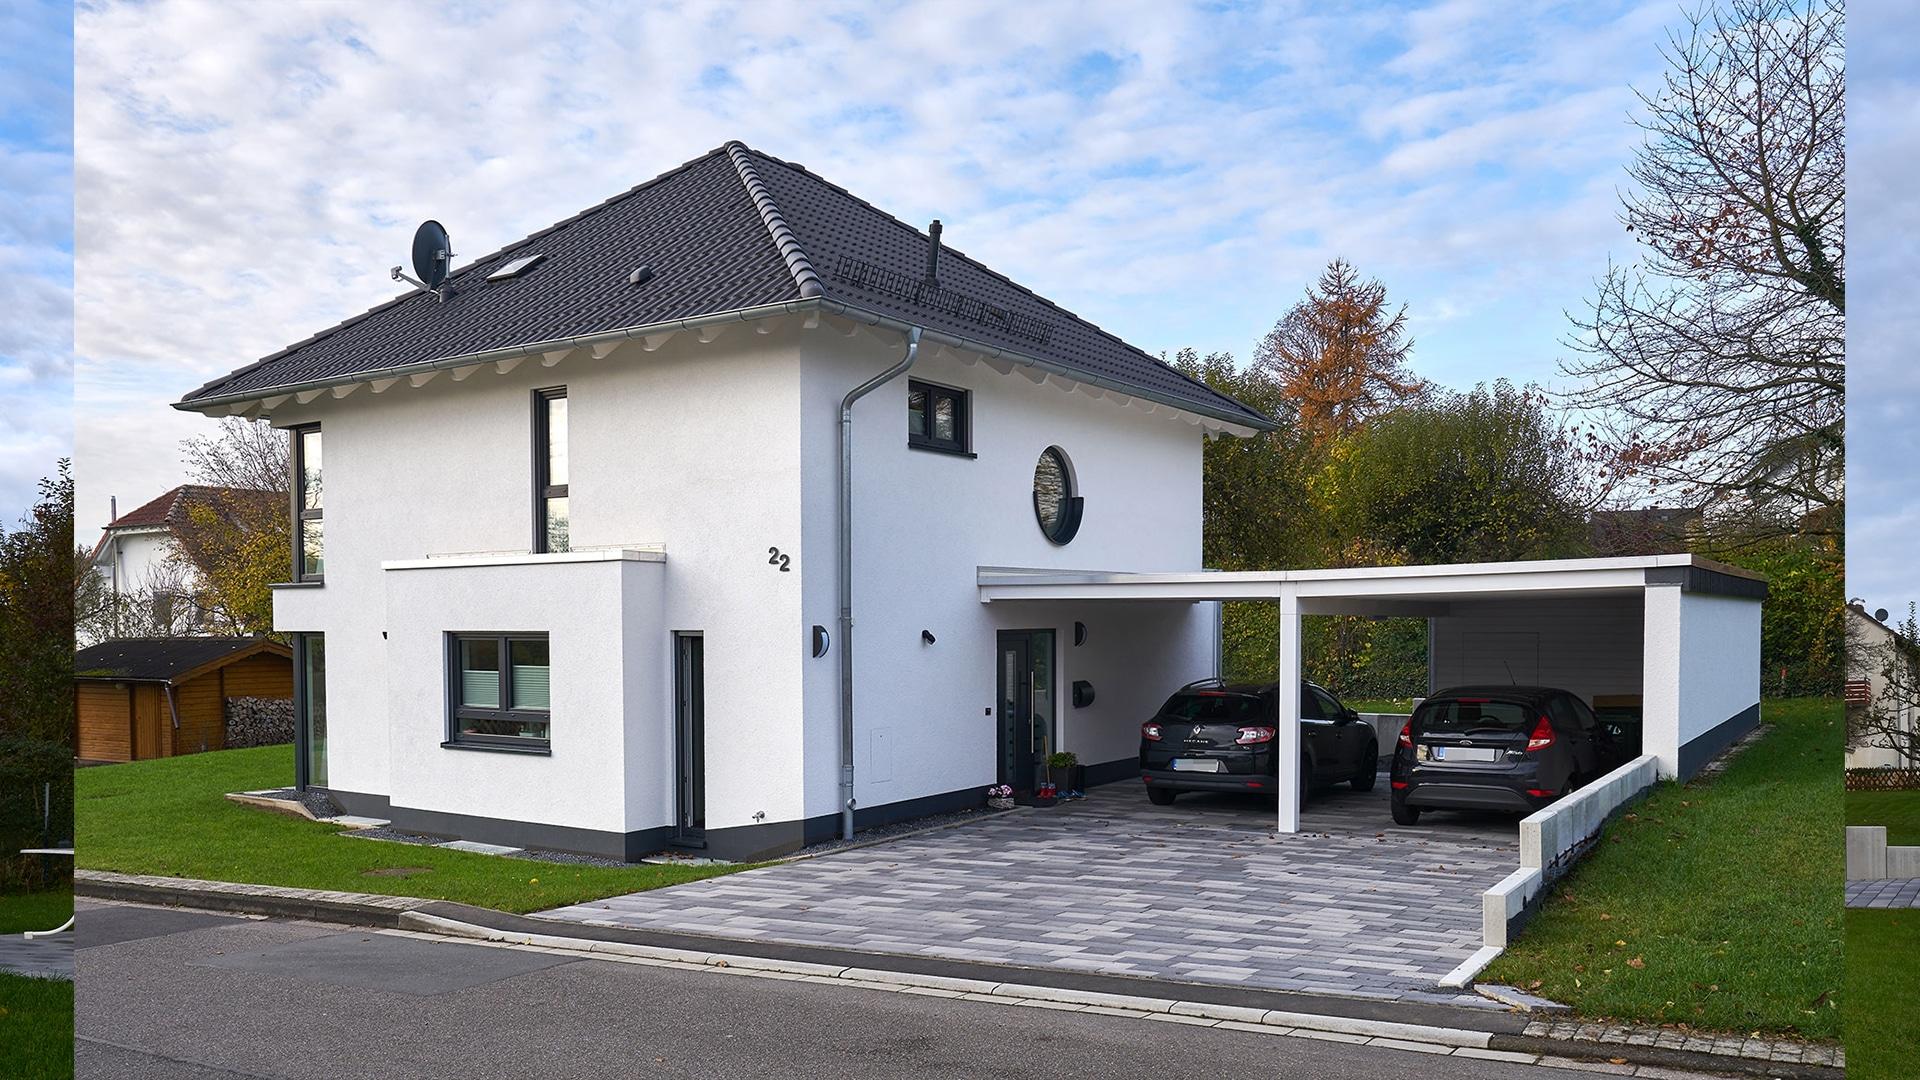 Mit UllrichBau Erhalten Sie Ihr Haus Schlüsselfertig Als Einfamilienhaus  Oder Auch Als Mehrfamilienhaus U2013 Mit Materialien Und Technischen Geräten In  Hoher ...